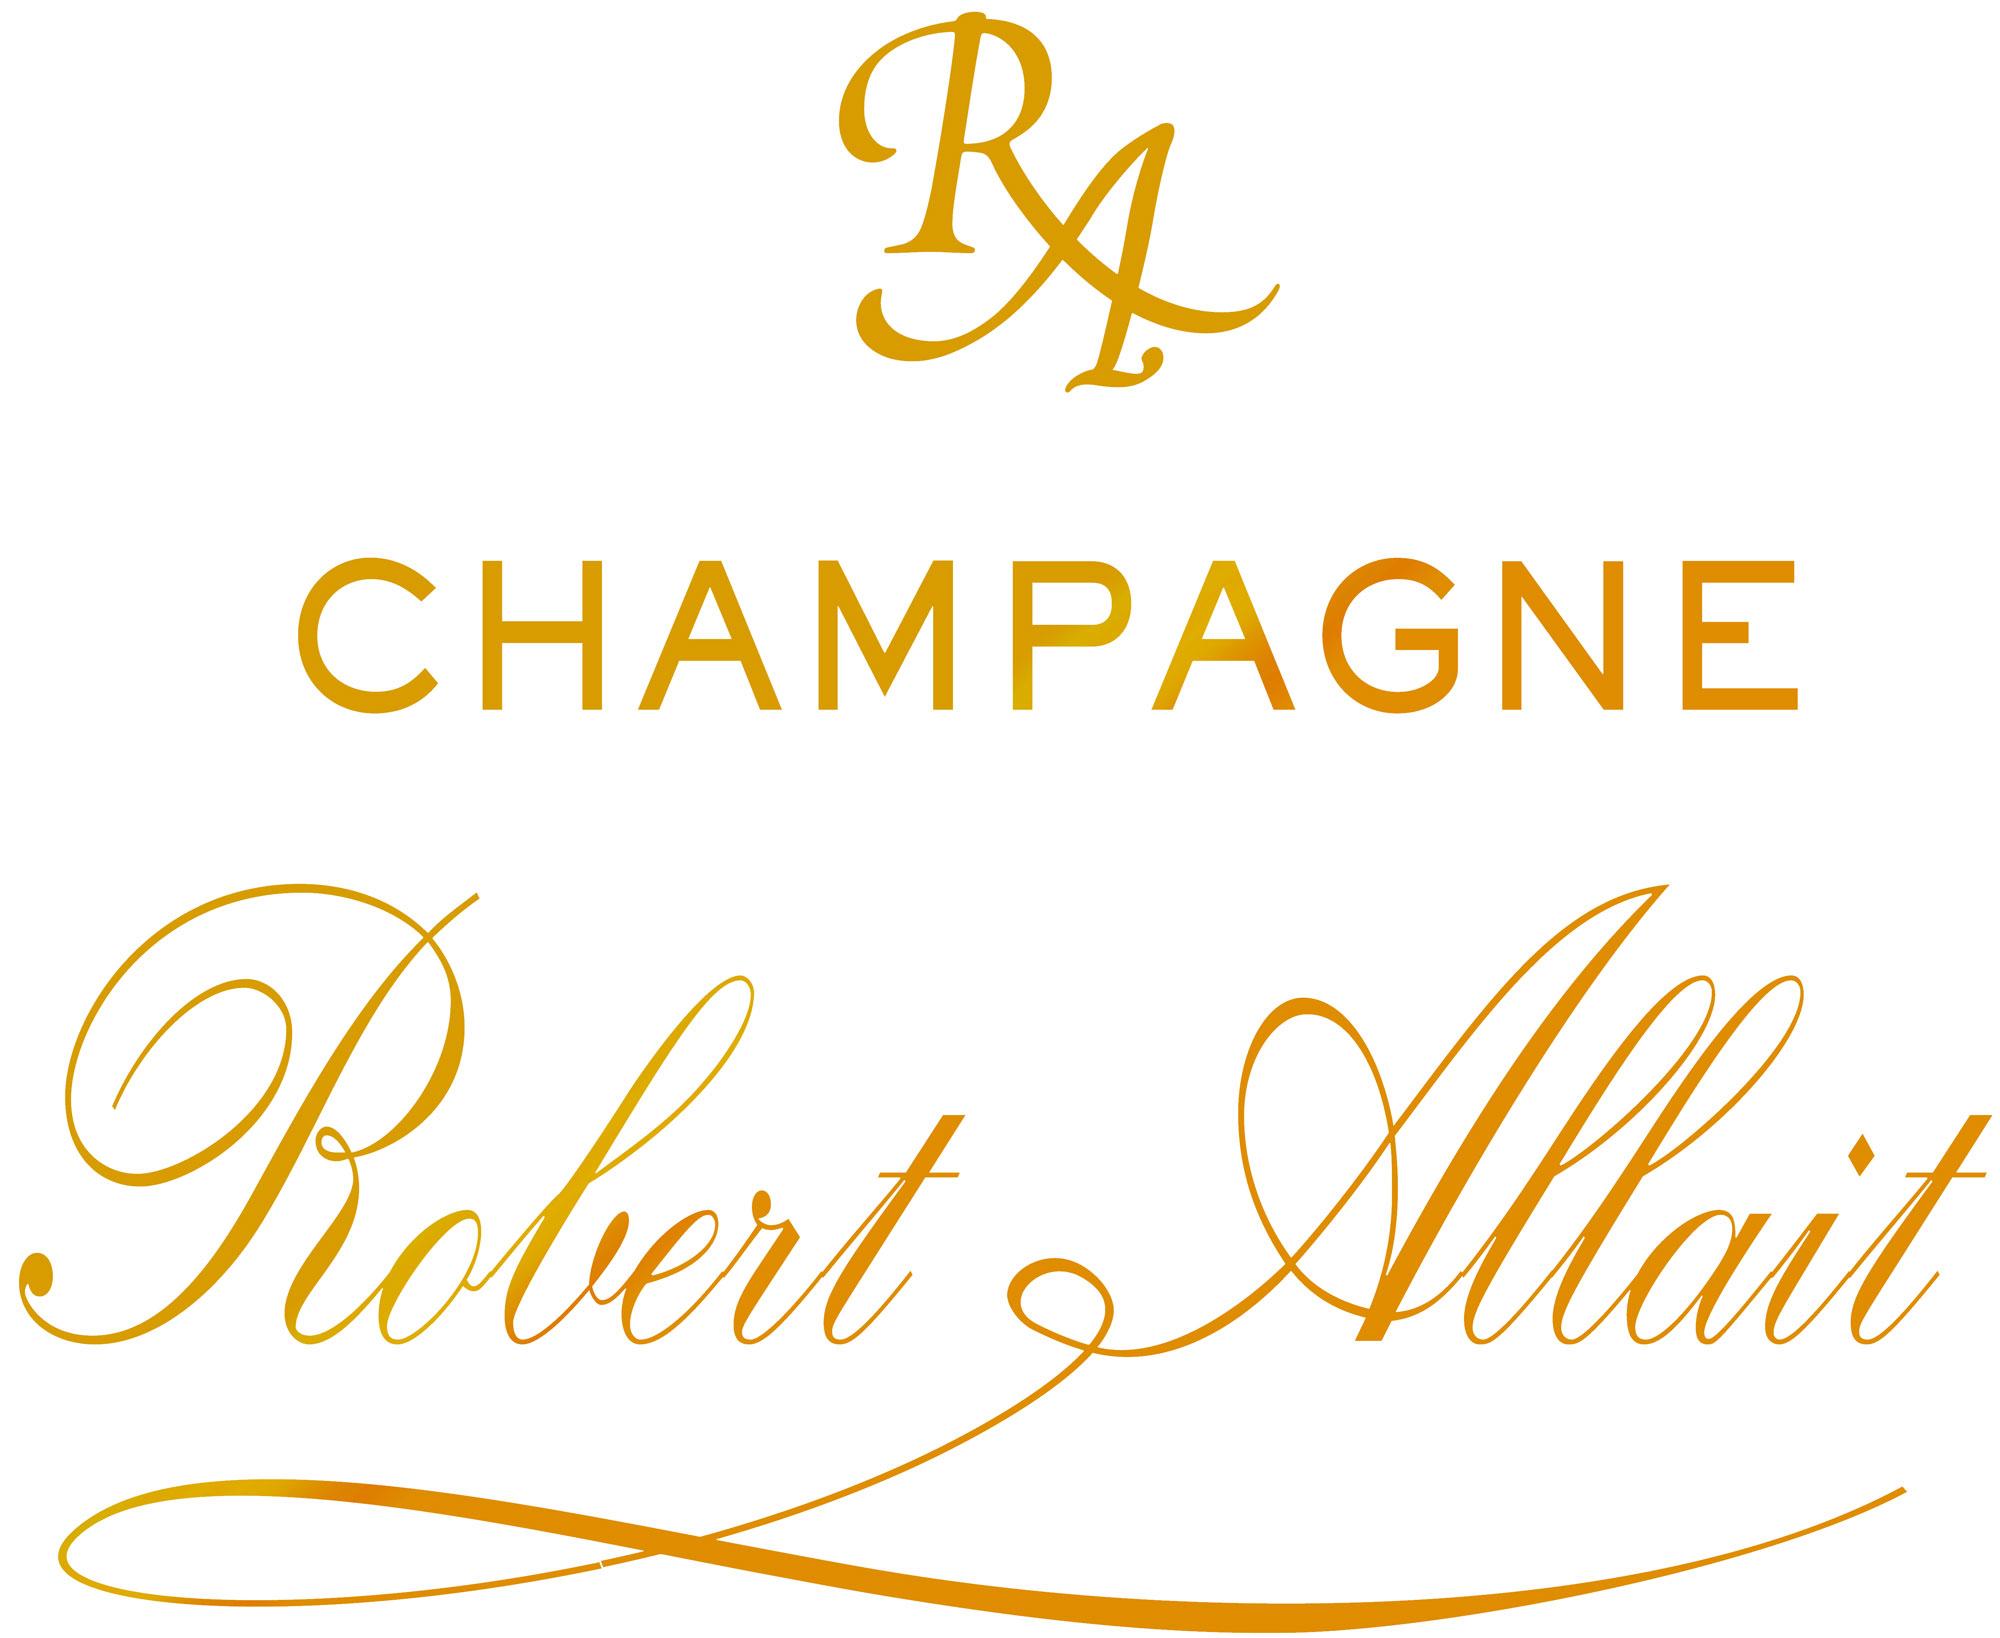 Robert-Allait Champagne